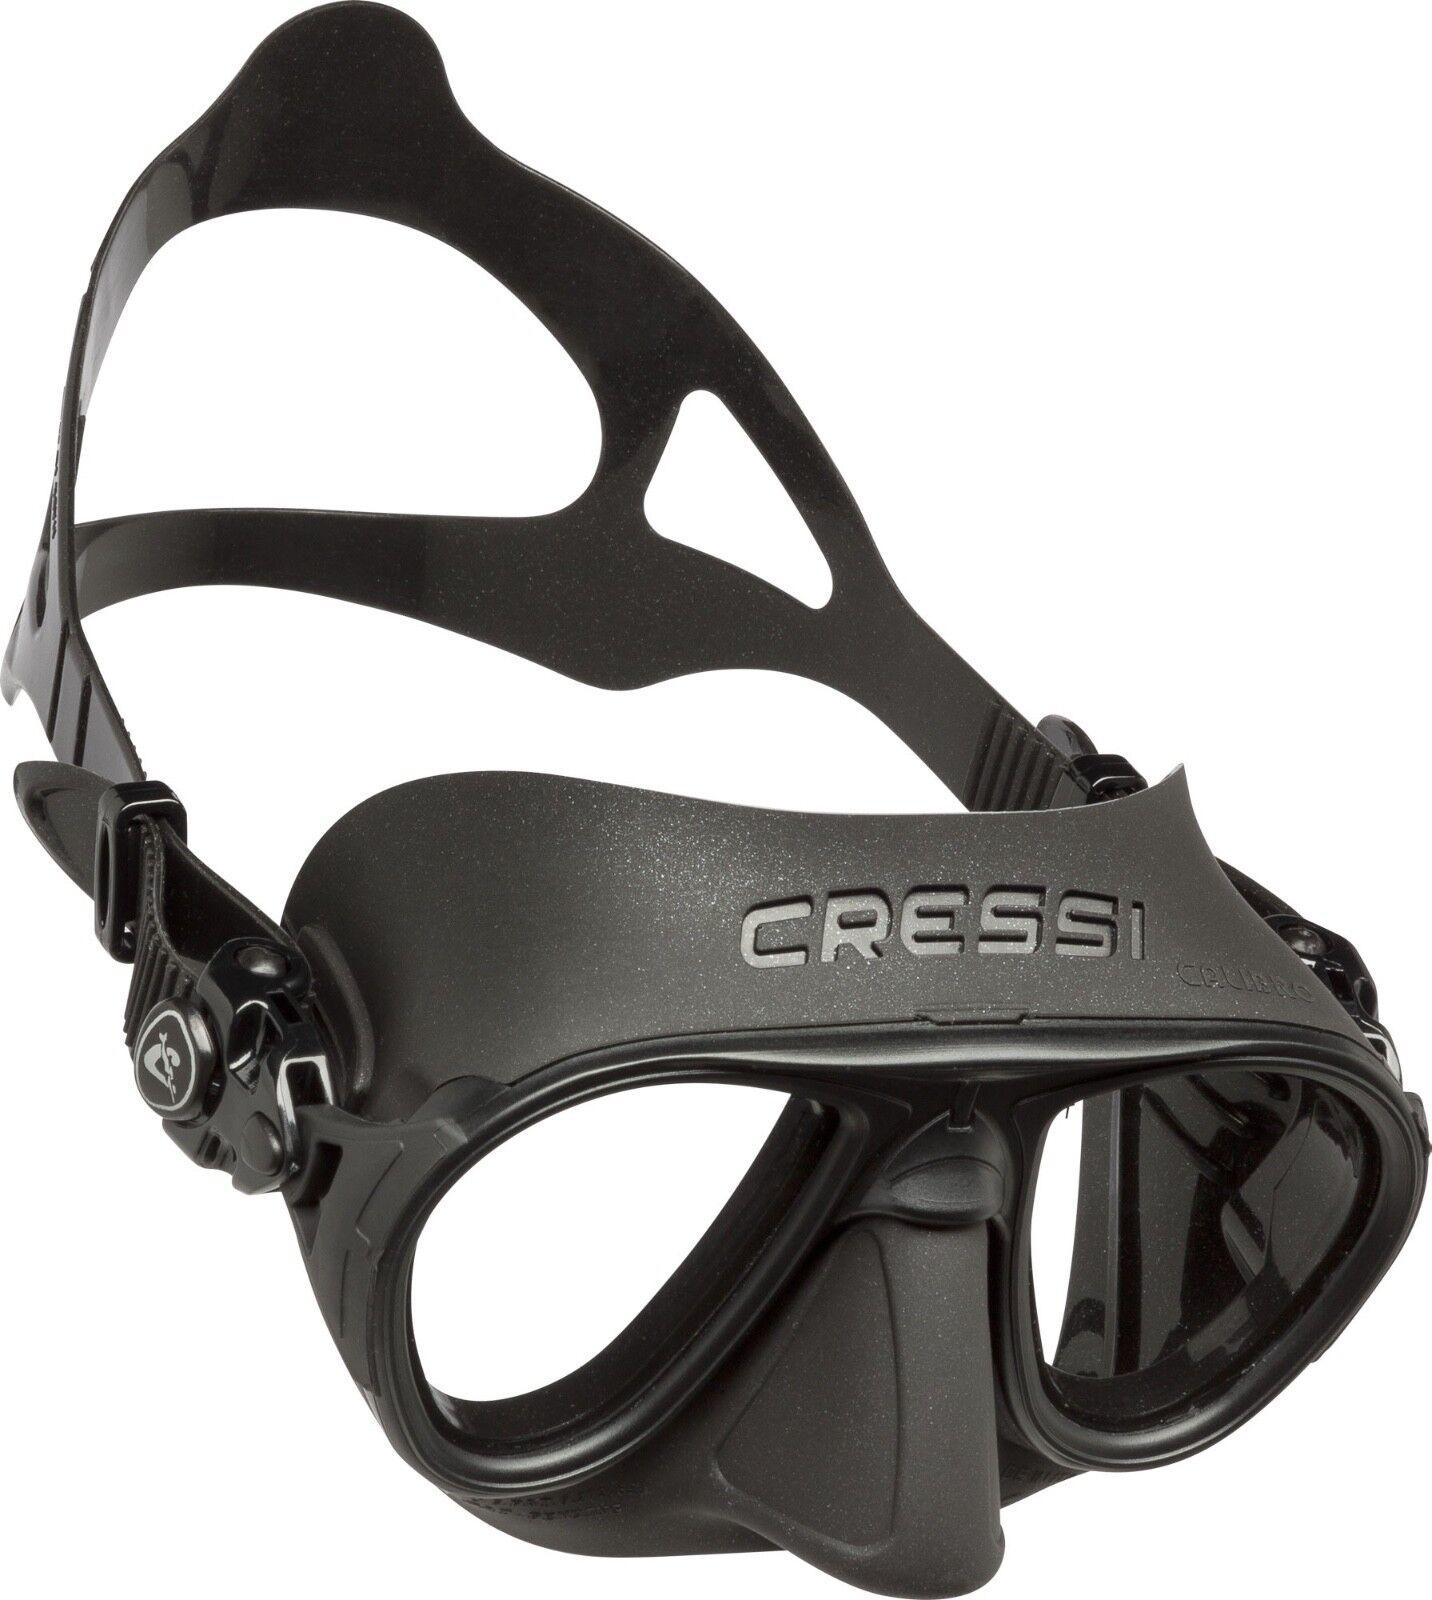 Calibro Cressi Maske One Size Black / Tauchmaske / Brille / Schnorcheln / Apnoe